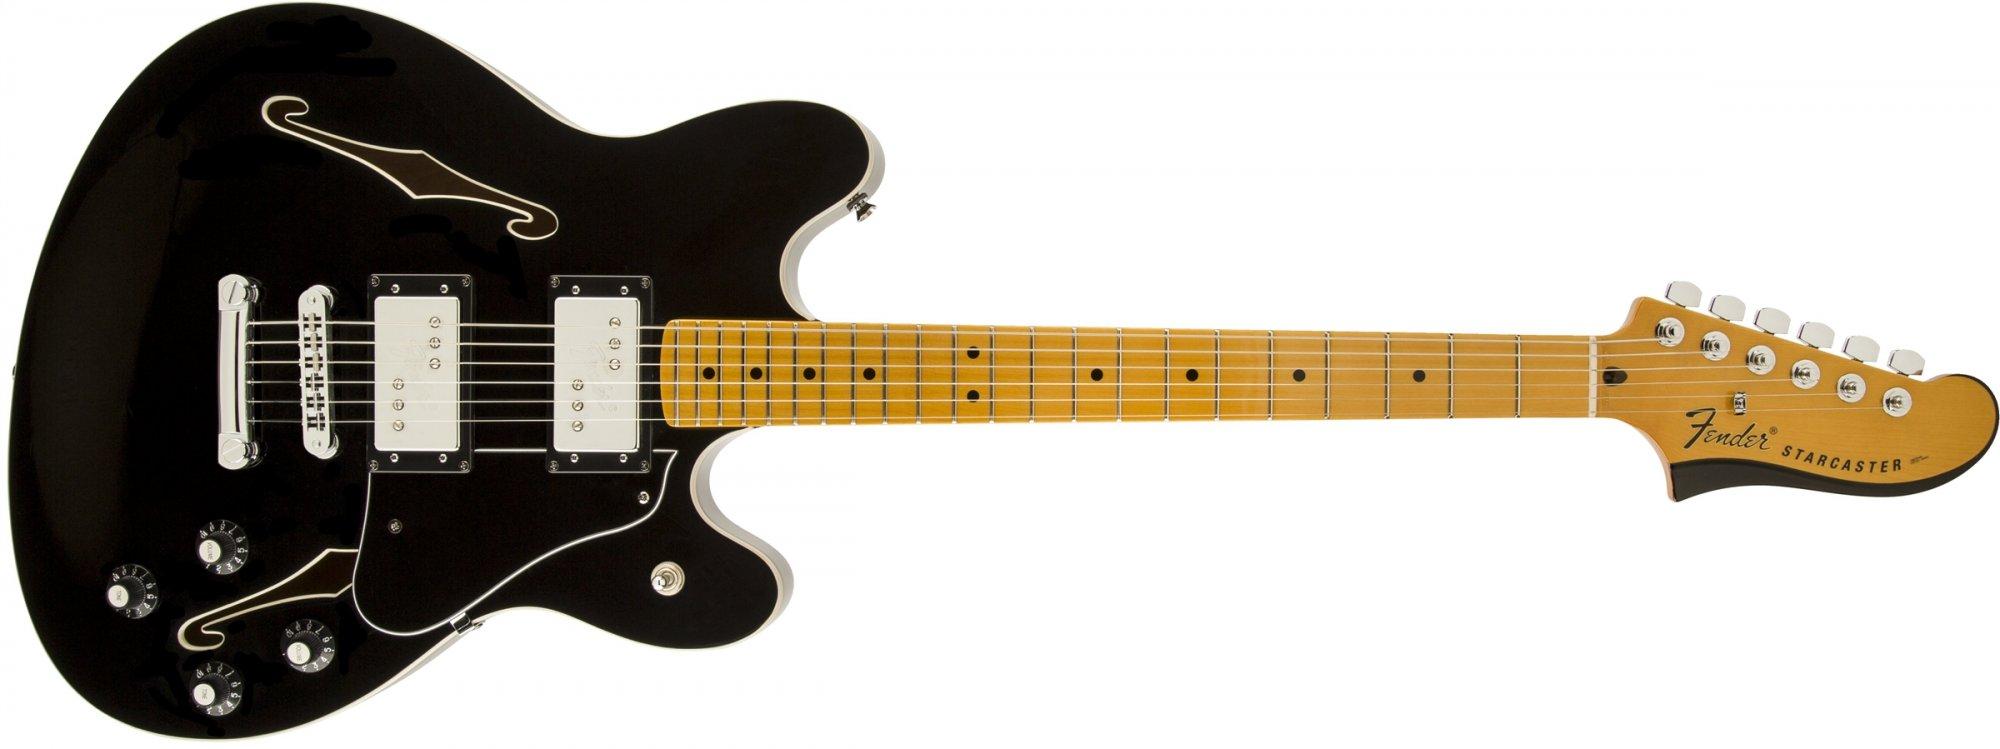 Fender Starcaster MN Black